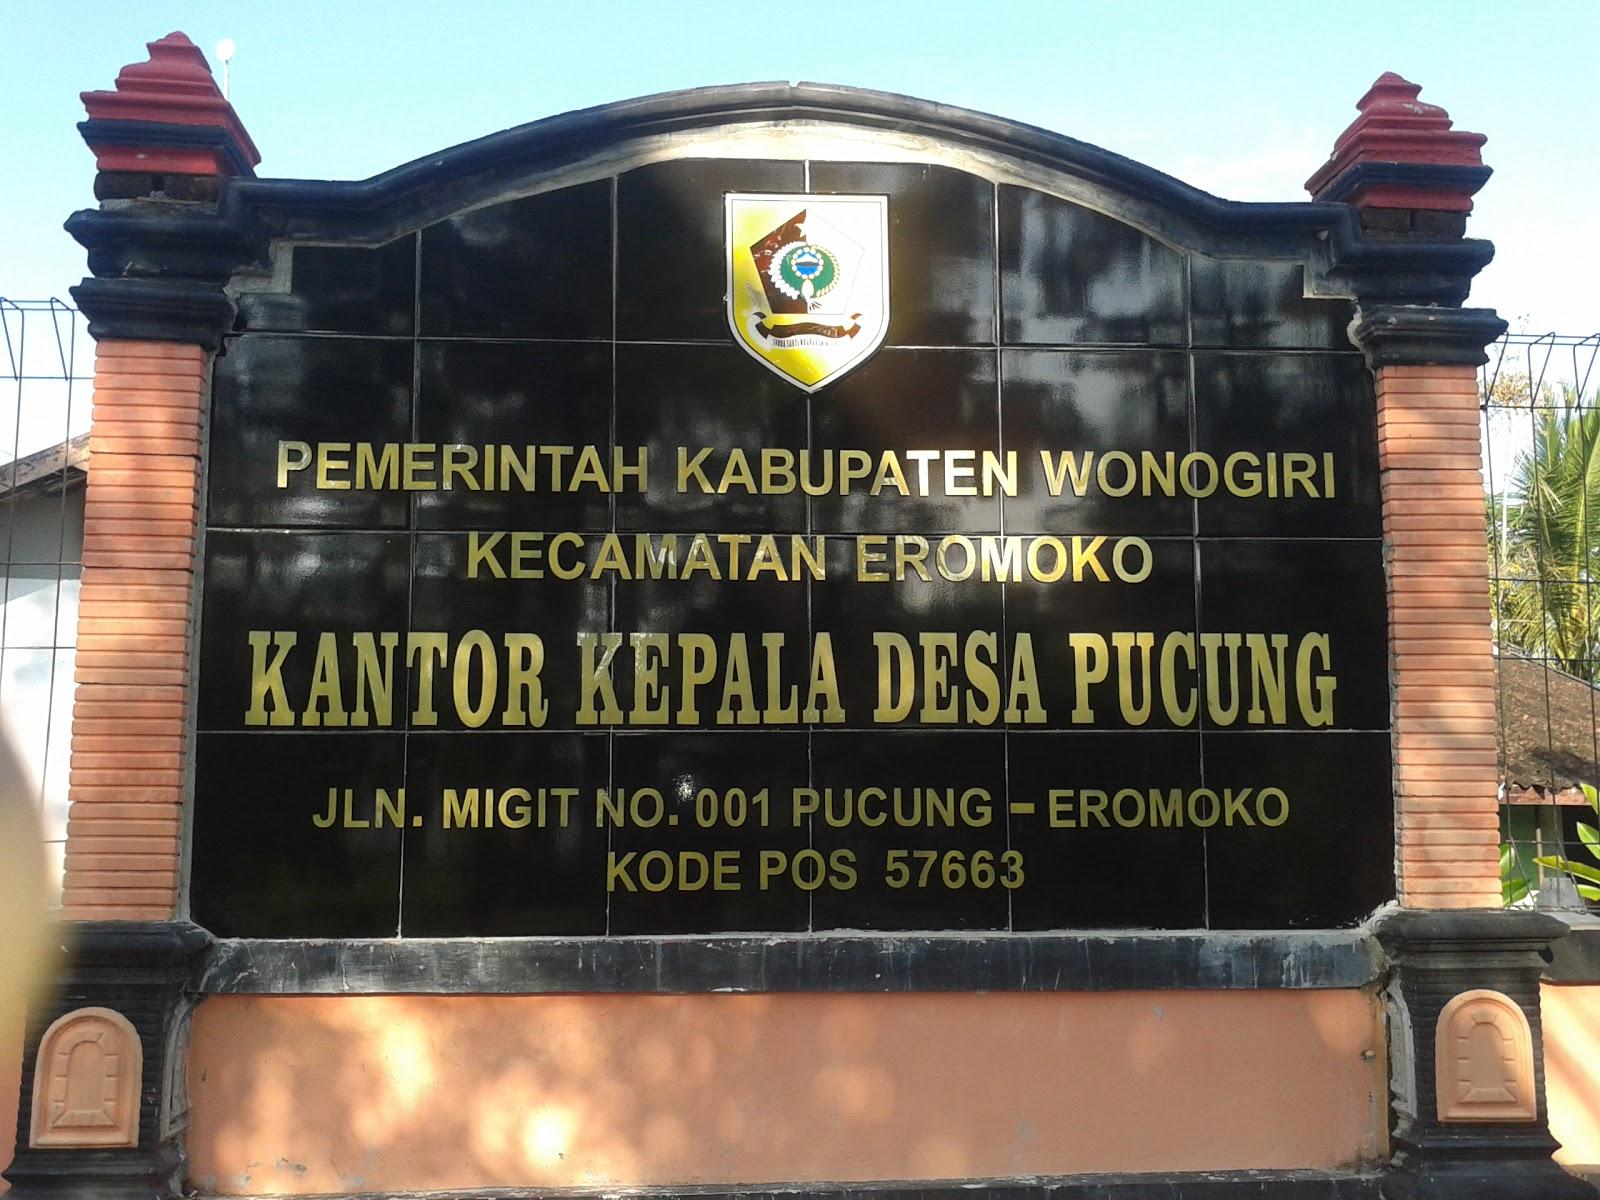 Kantor Desa Pucung Kecamatan Eromoko Kabupaten Wonogiri